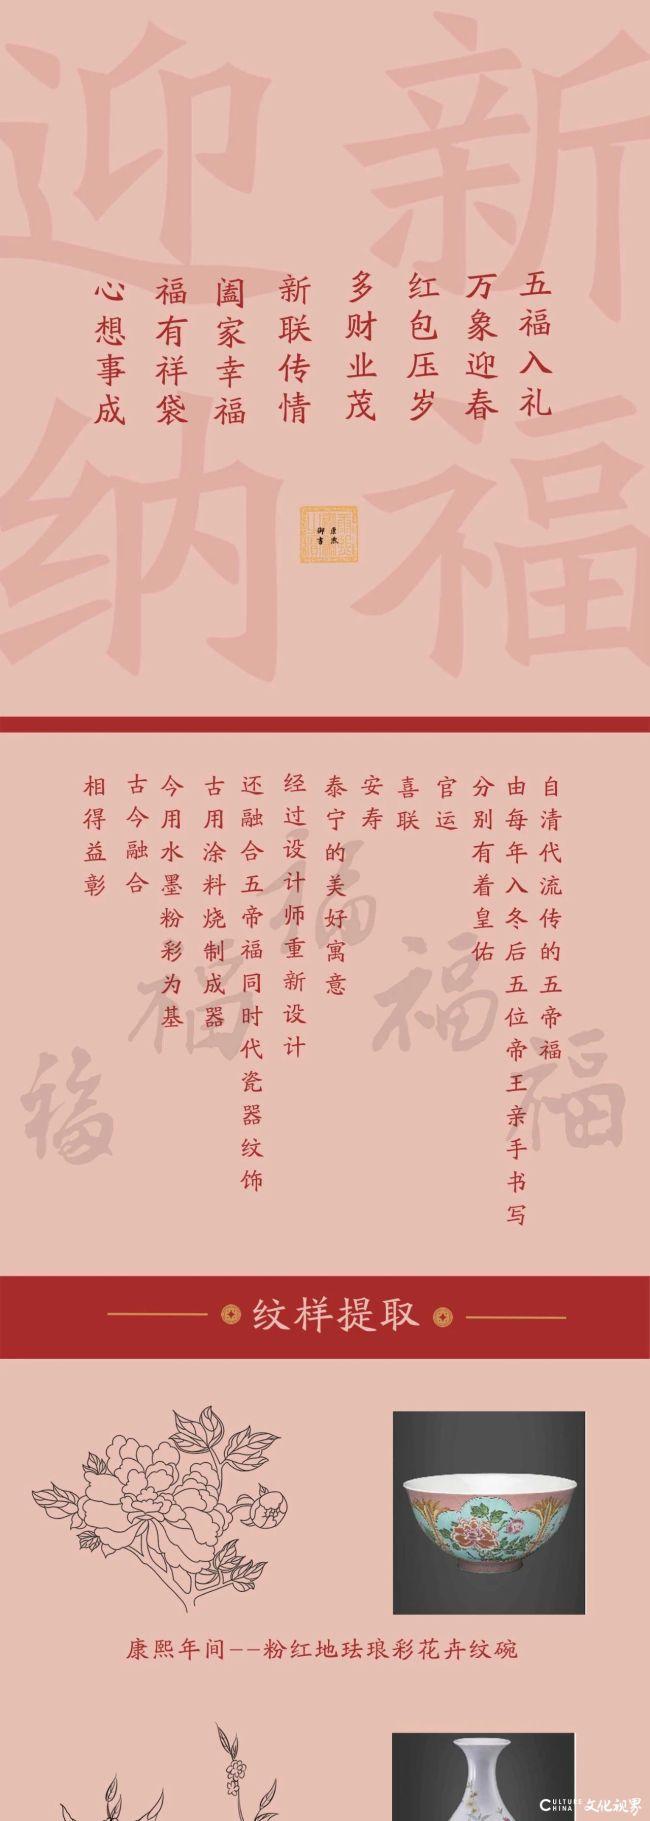 """山东世茂""""宽厚禮""""系列之""""新春福字礼包""""美好首发,YAO一起好好过个年"""